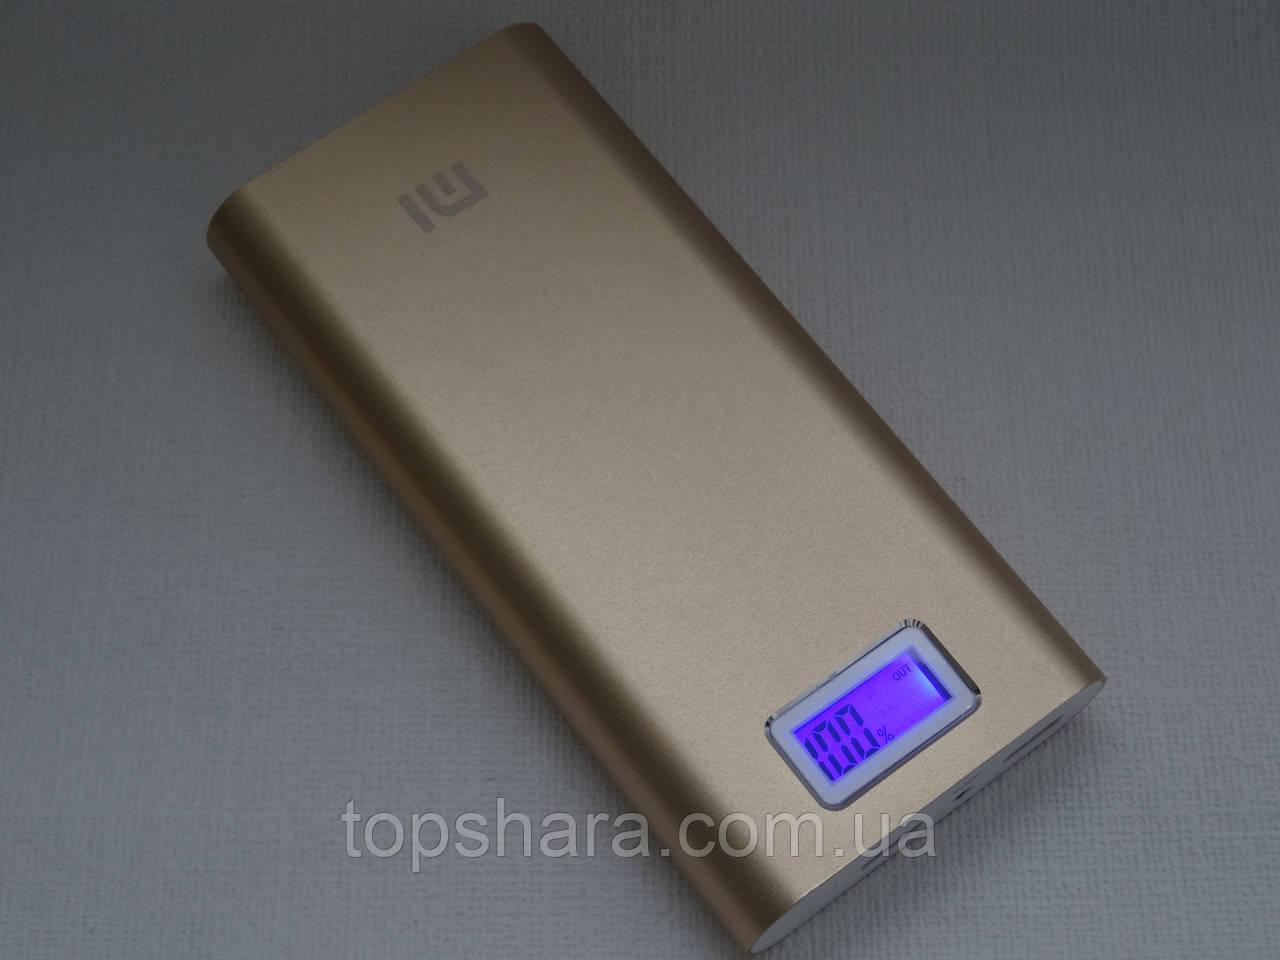 УМБ Xiaomi Mi Power Bank 28800 mAh 2xUSB с экраном Gold